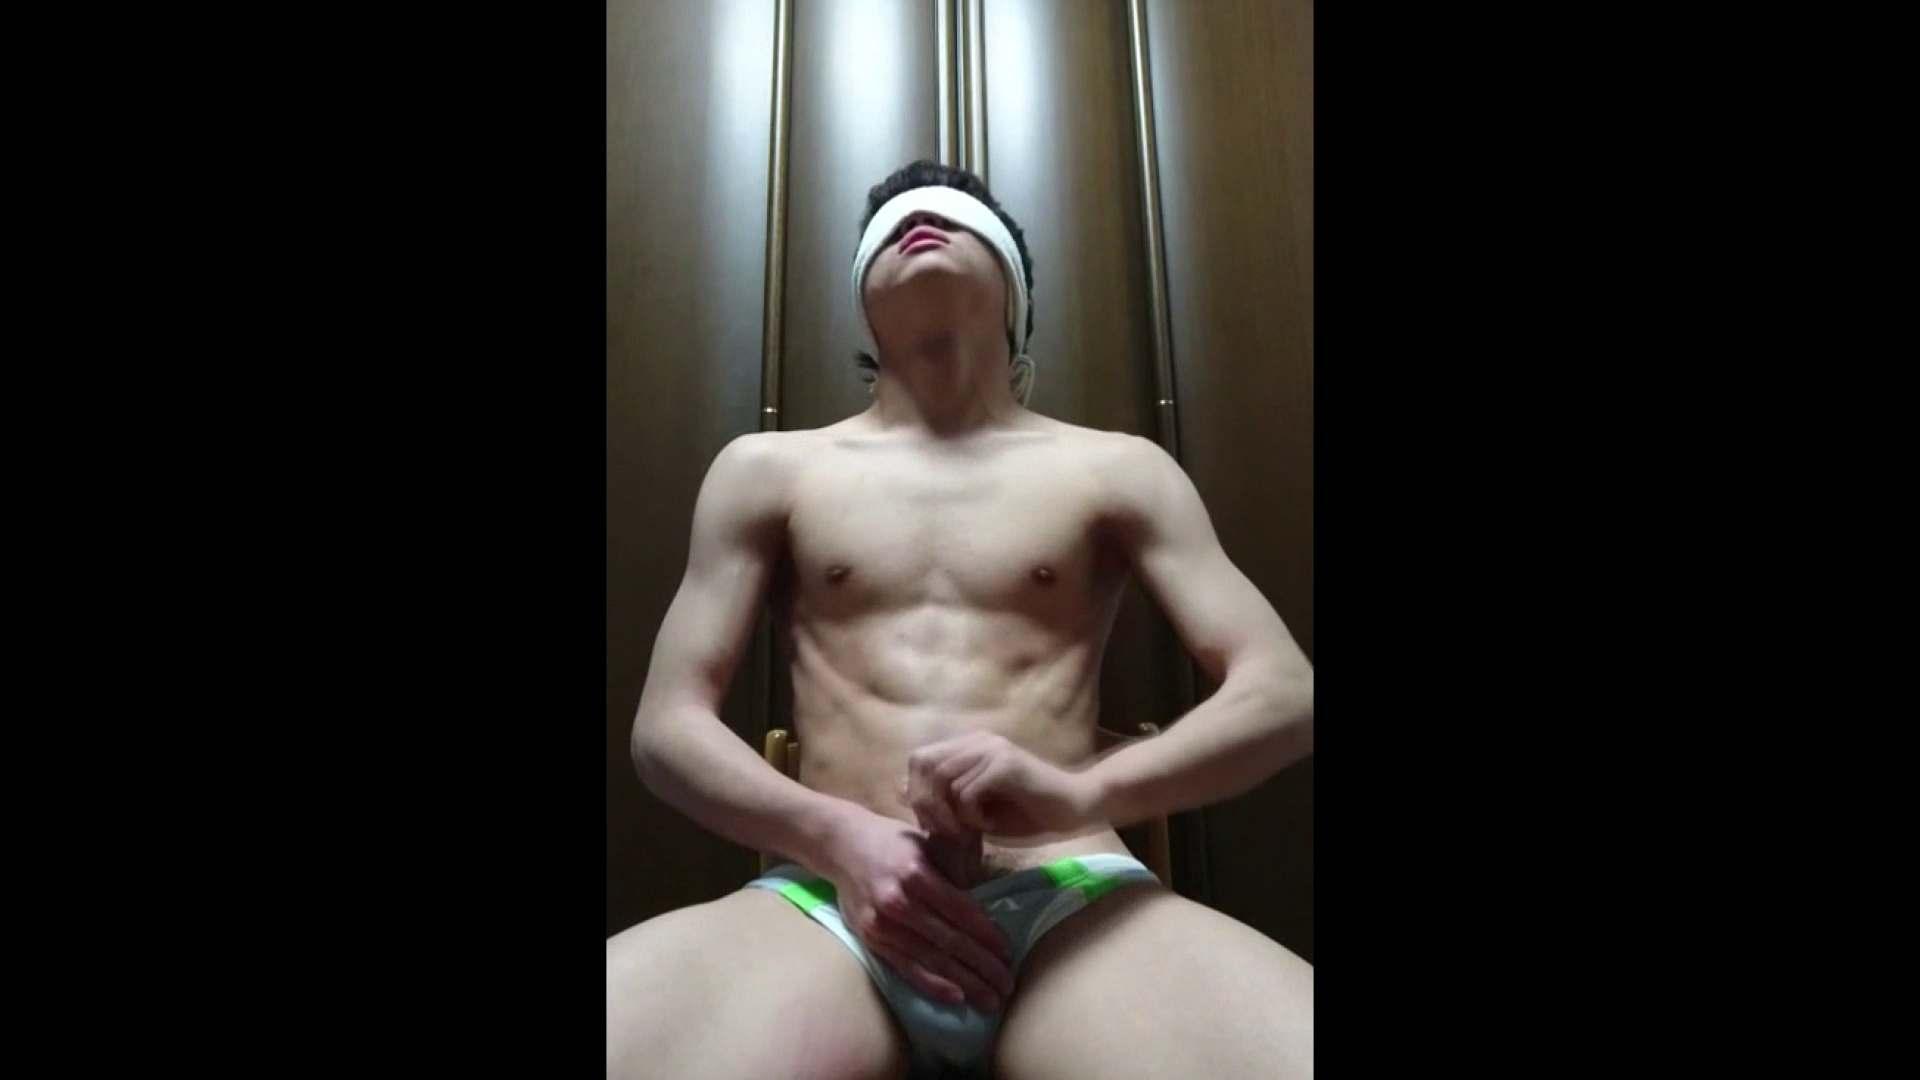 個人撮影 自慰の極意 Vol.21 ゲイの自慰 ゲイモロ画像 93pic 59